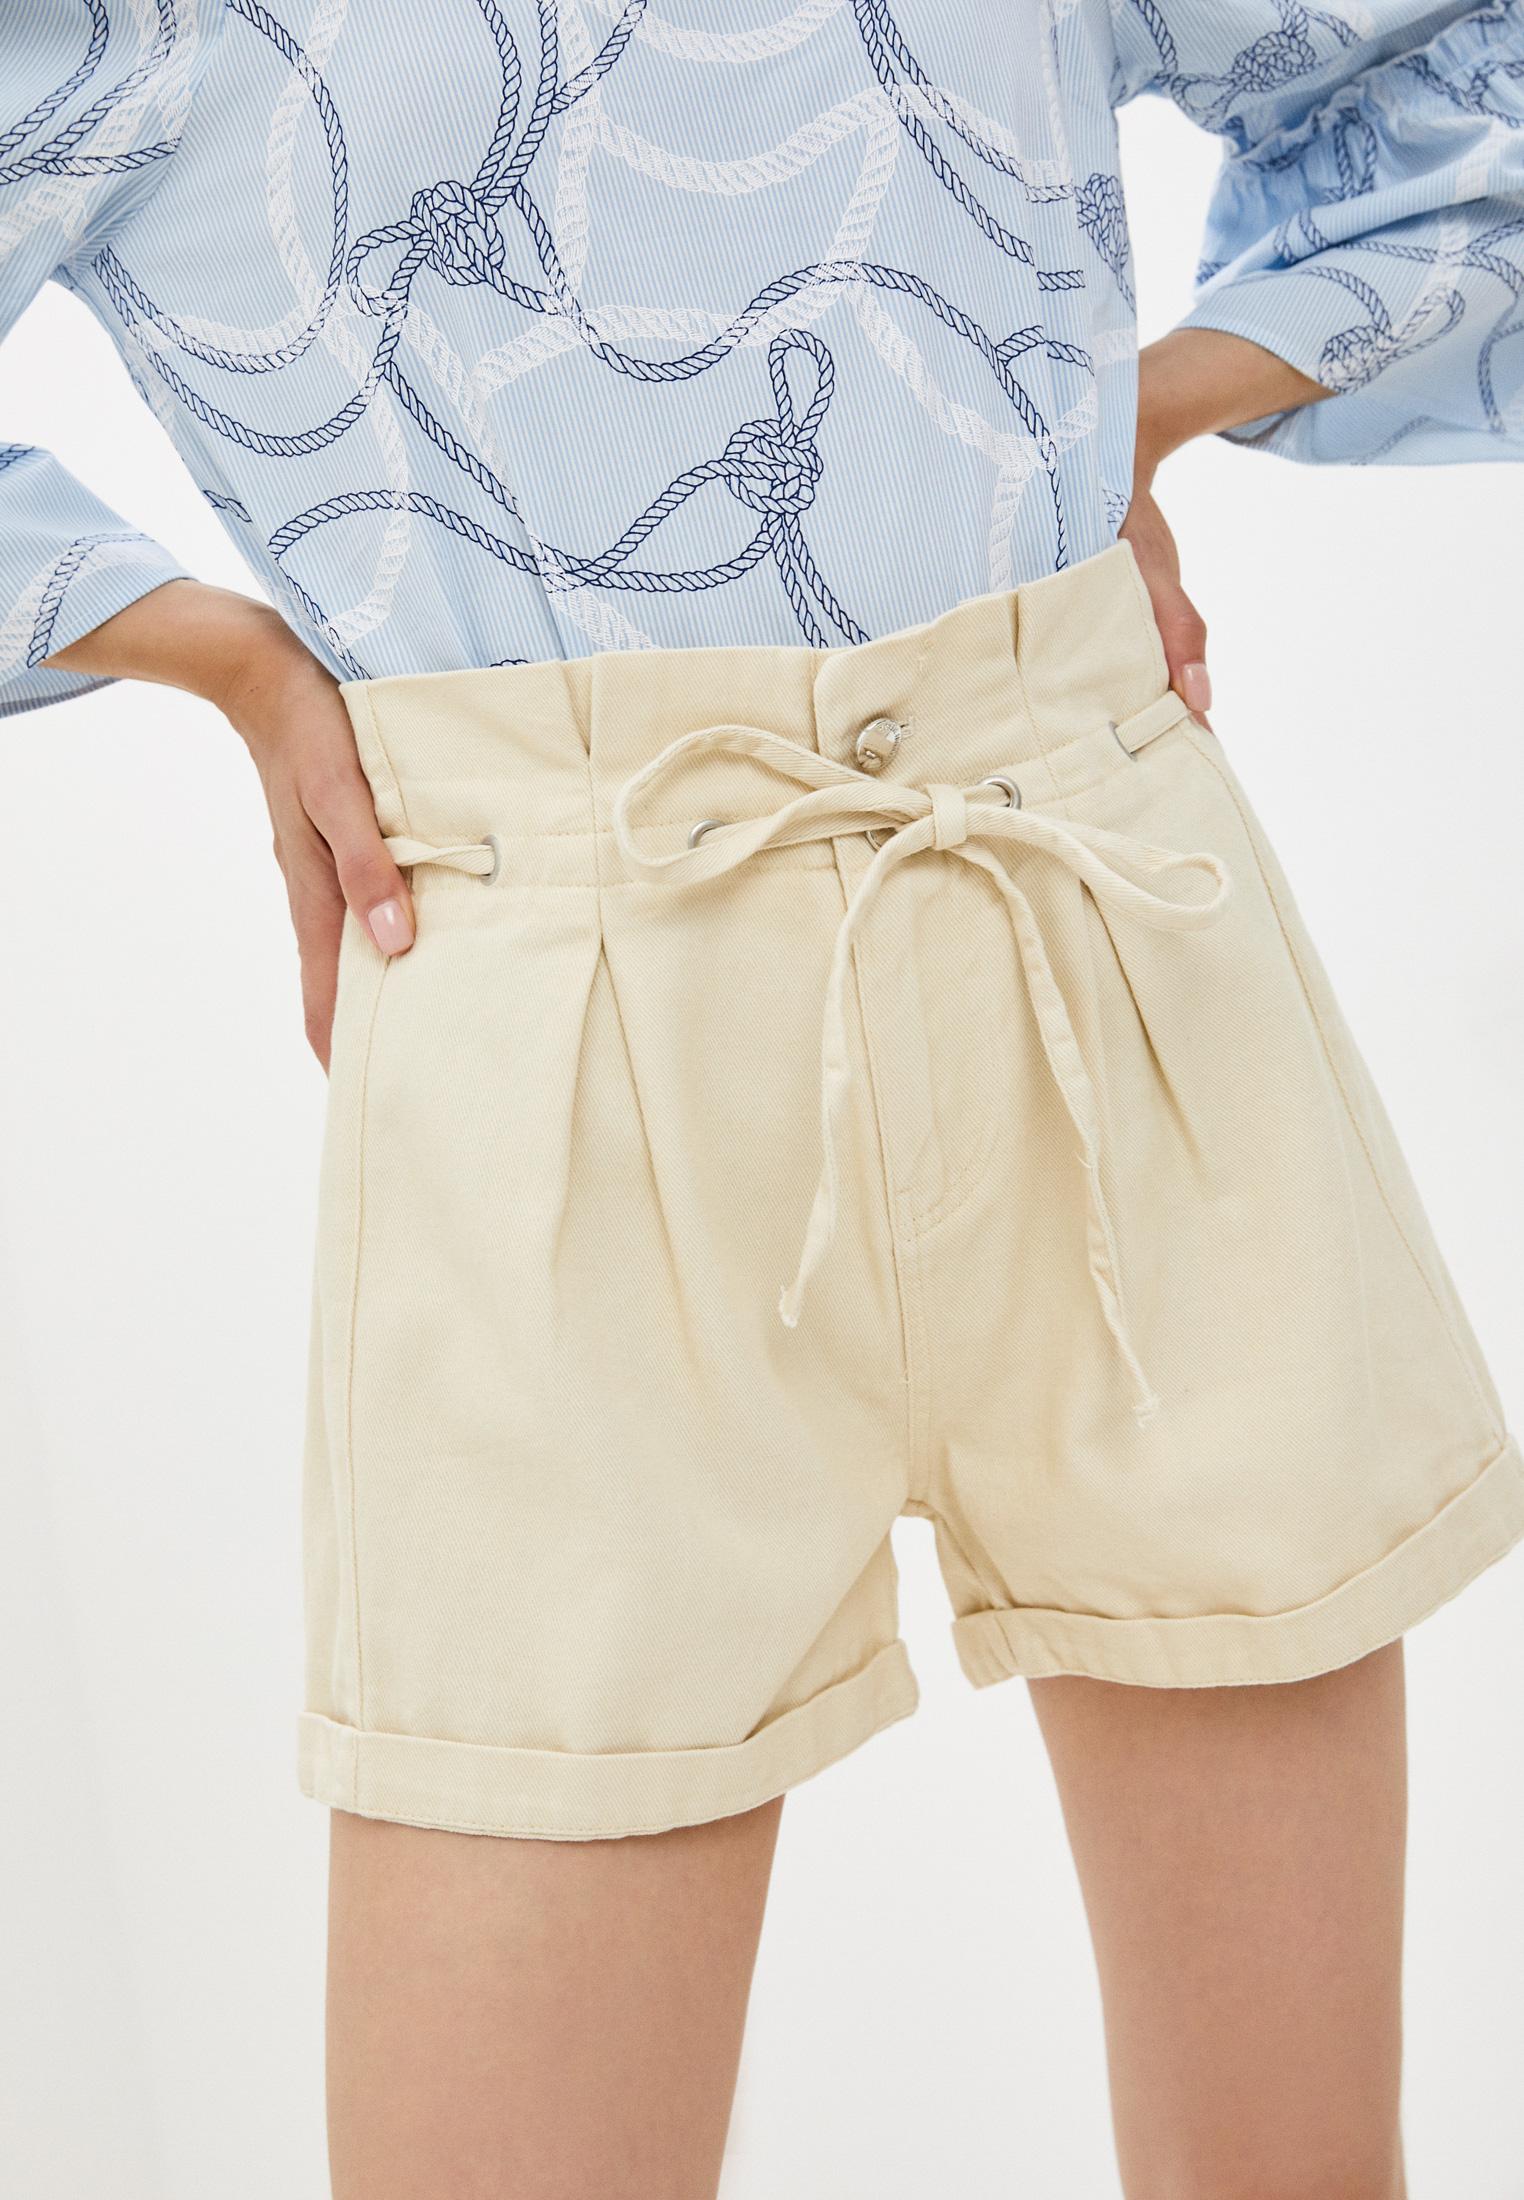 Женские джинсовые шорты Silvian Heach Шорты джинсовые Silvian Heach